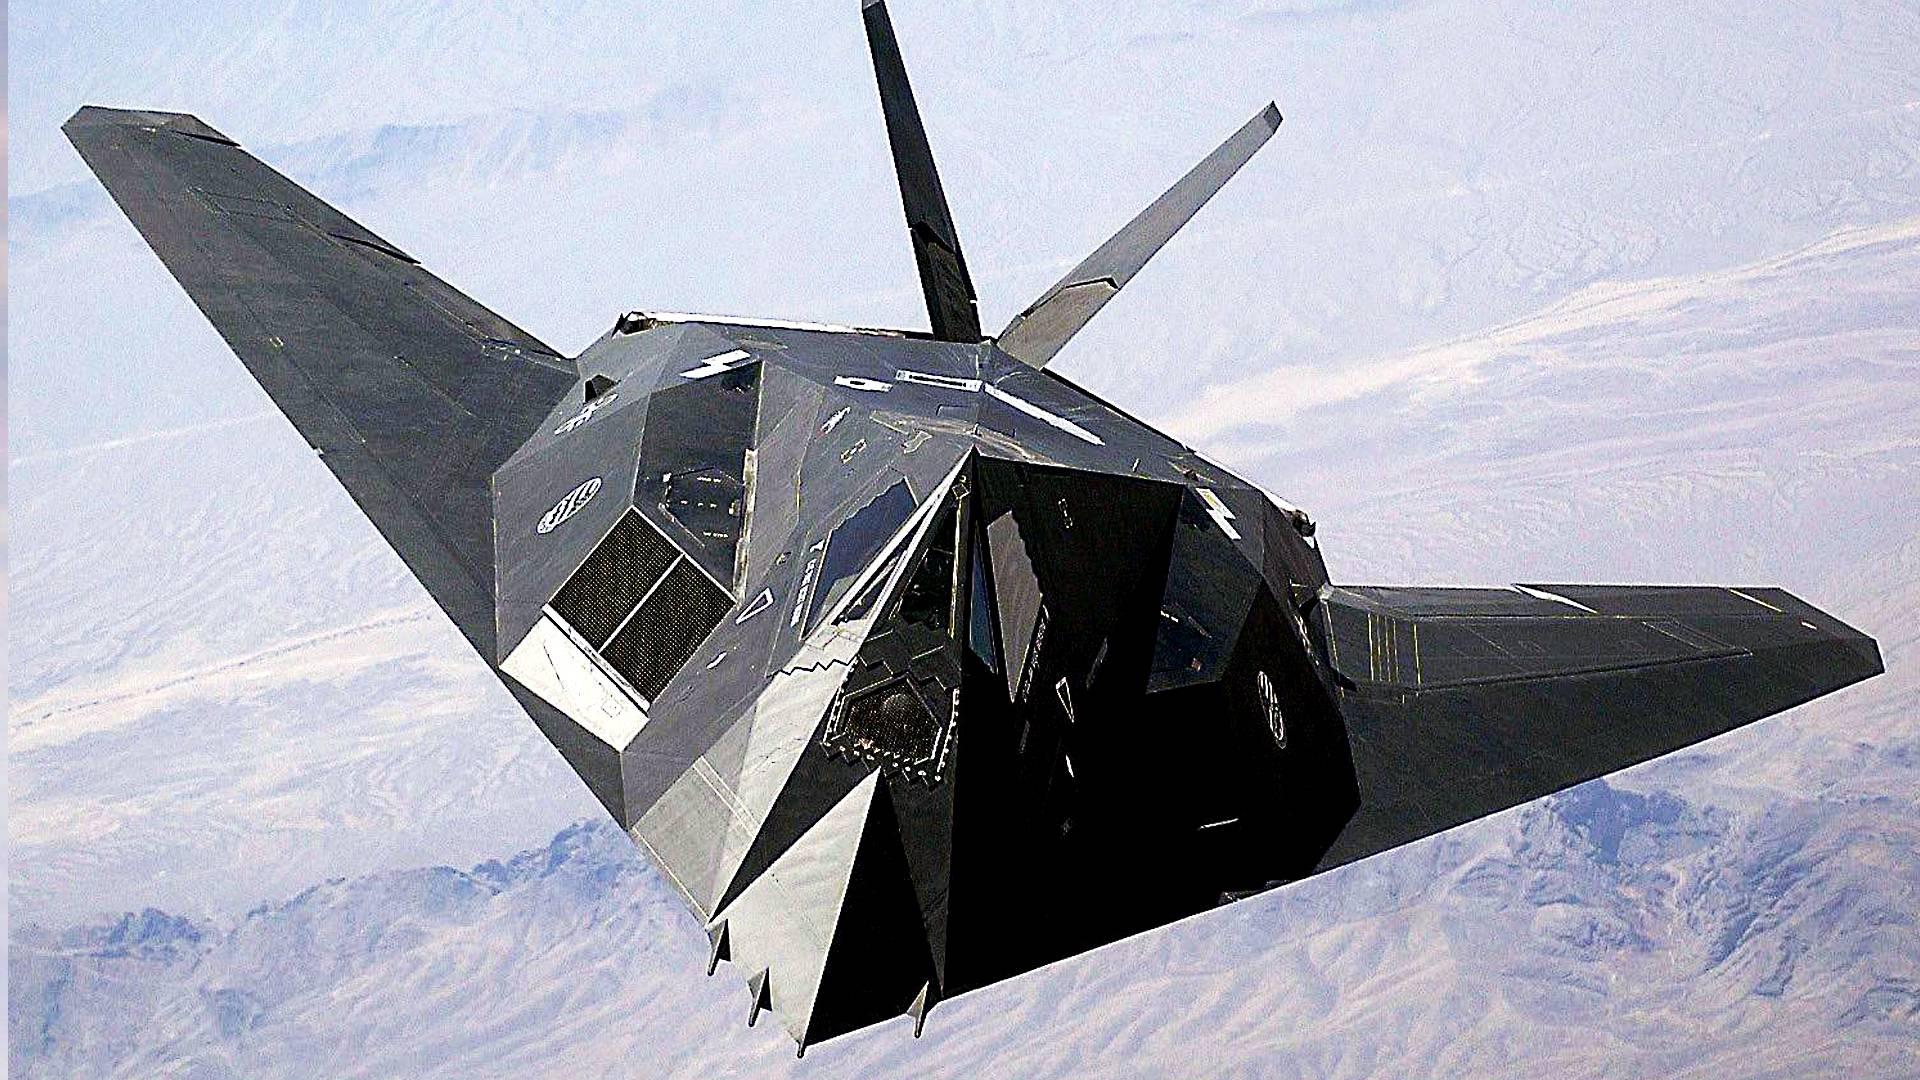 美军第一款隐身战斗机F-117 关键技术竟来自苏联